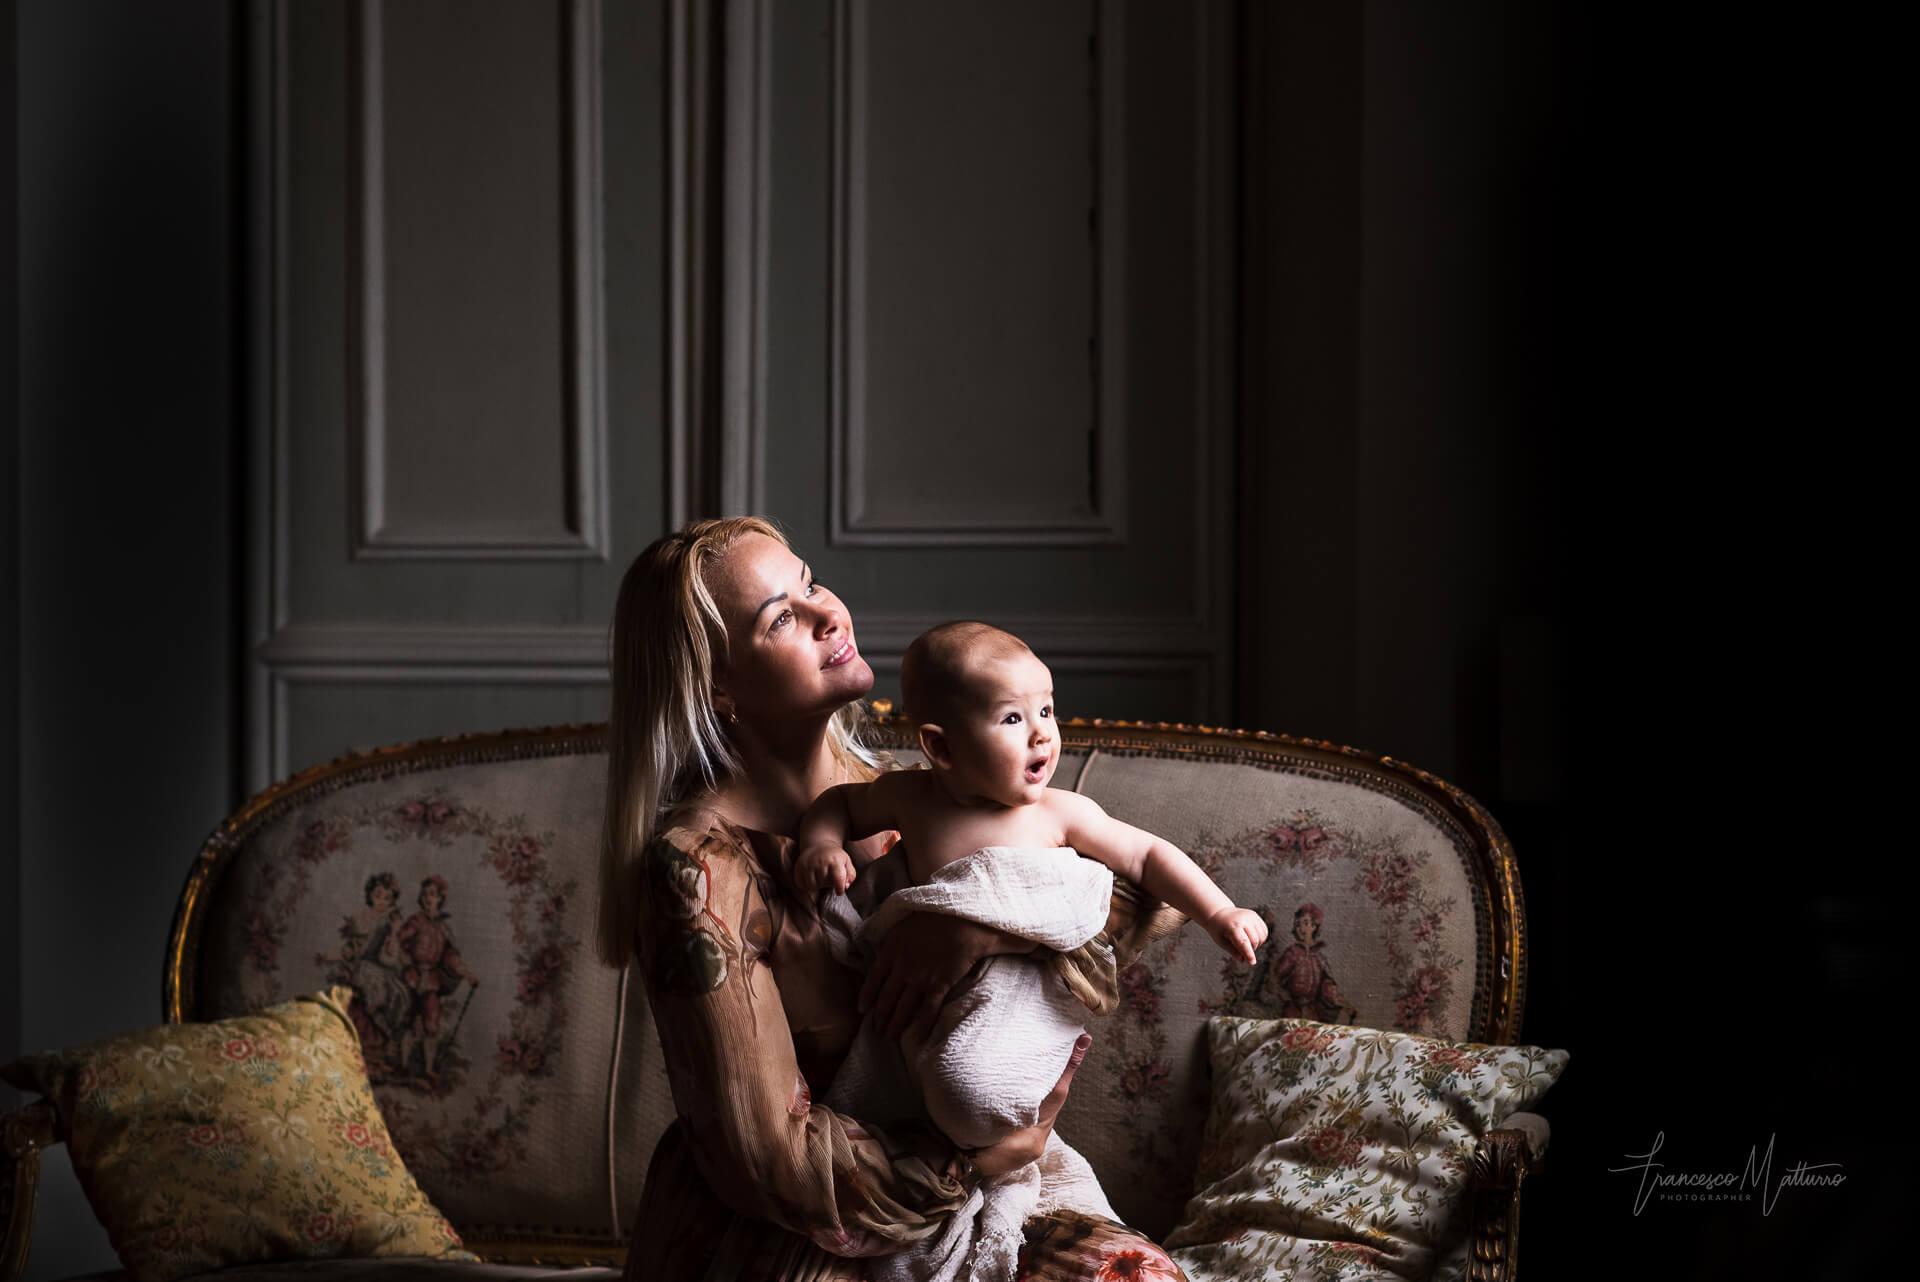 Servizio fotografico per famiglie con neonati e mamme in gravidanza in studio fotografico ad Asti di Francesco Matturro